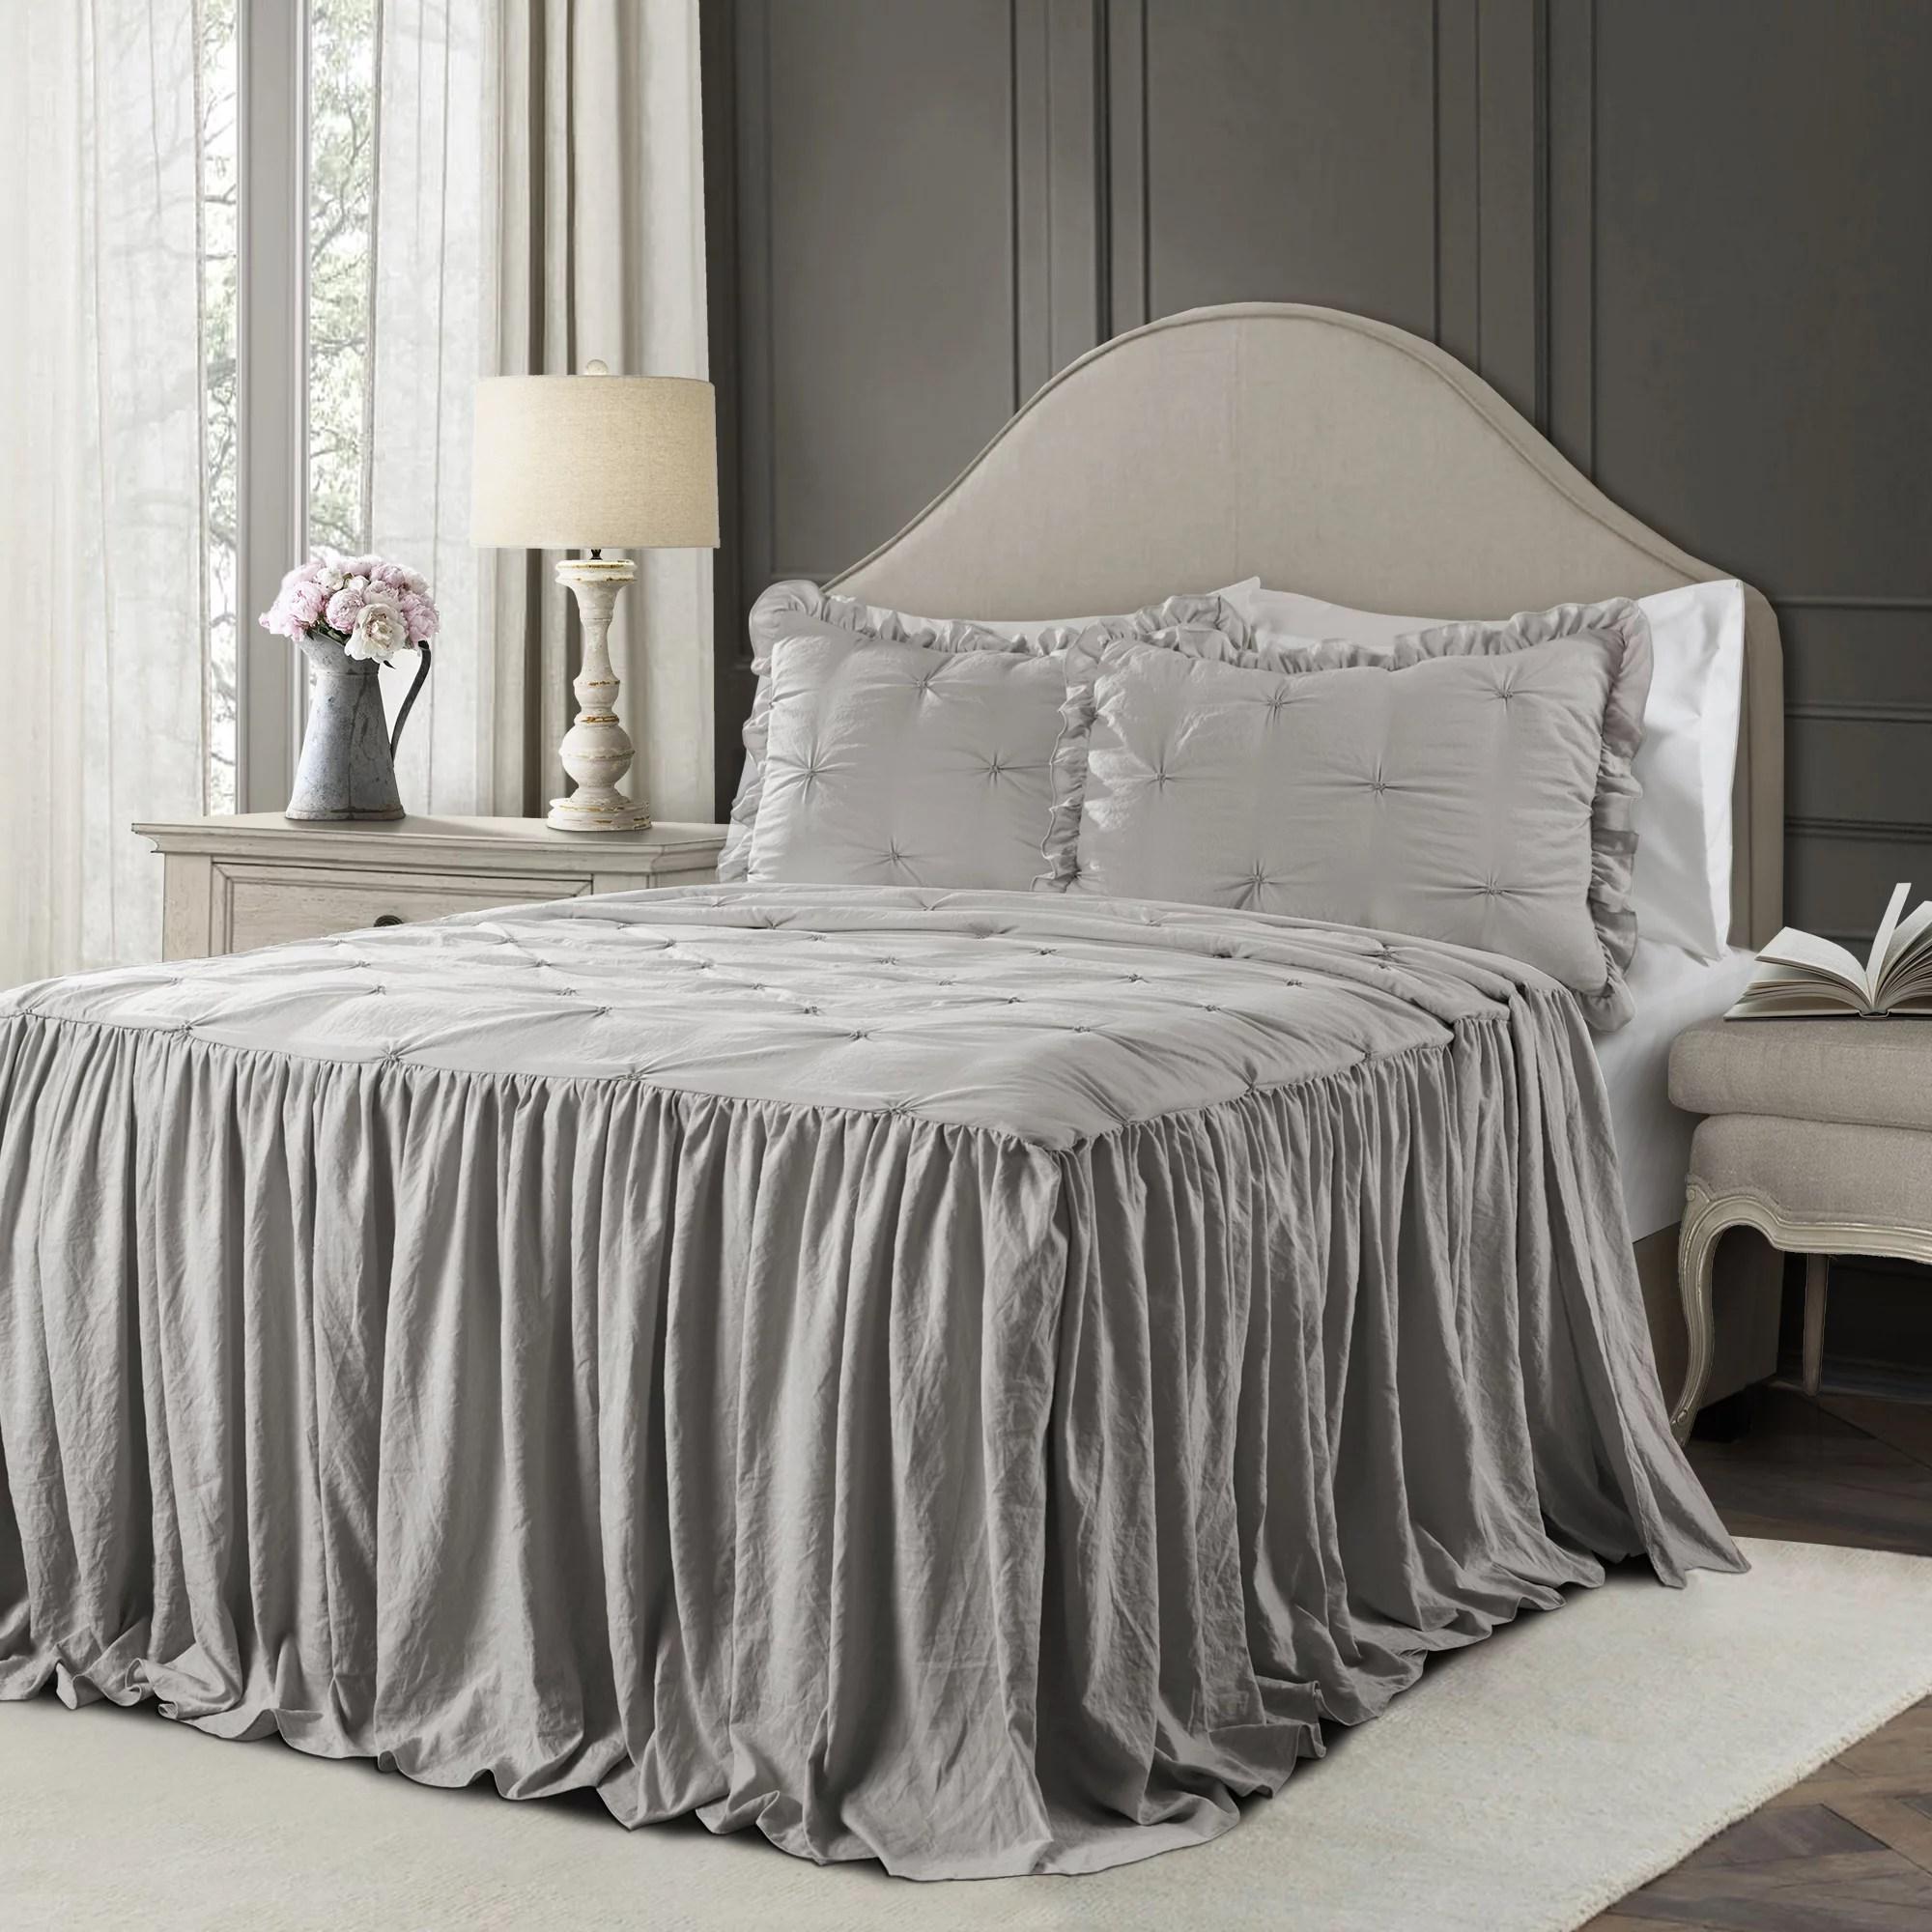 ravello pintuck ruffle skirt bedspread light gray 3pc set queen